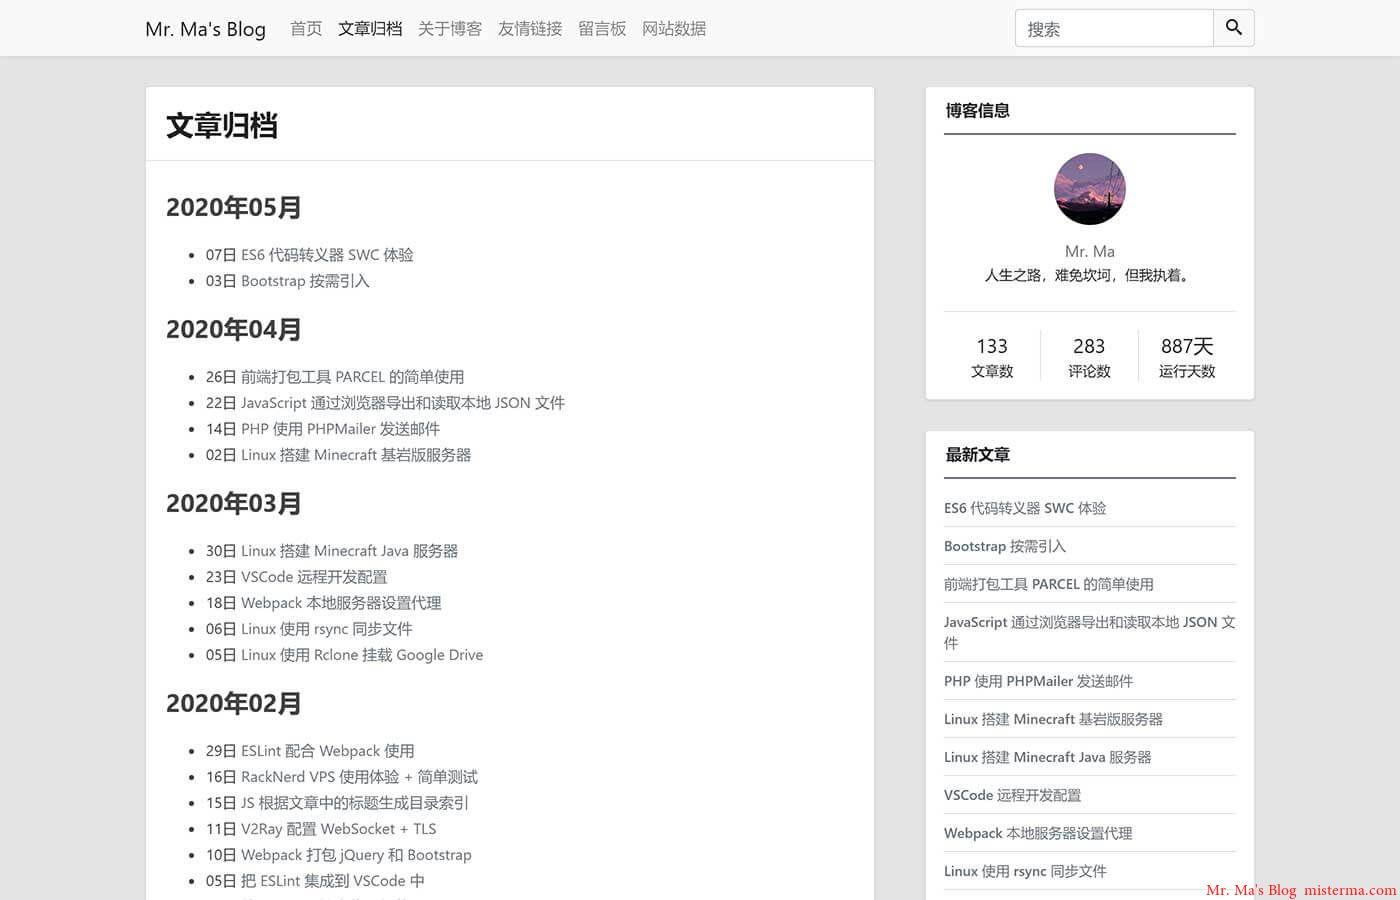 MWordStar独立页面文章归档